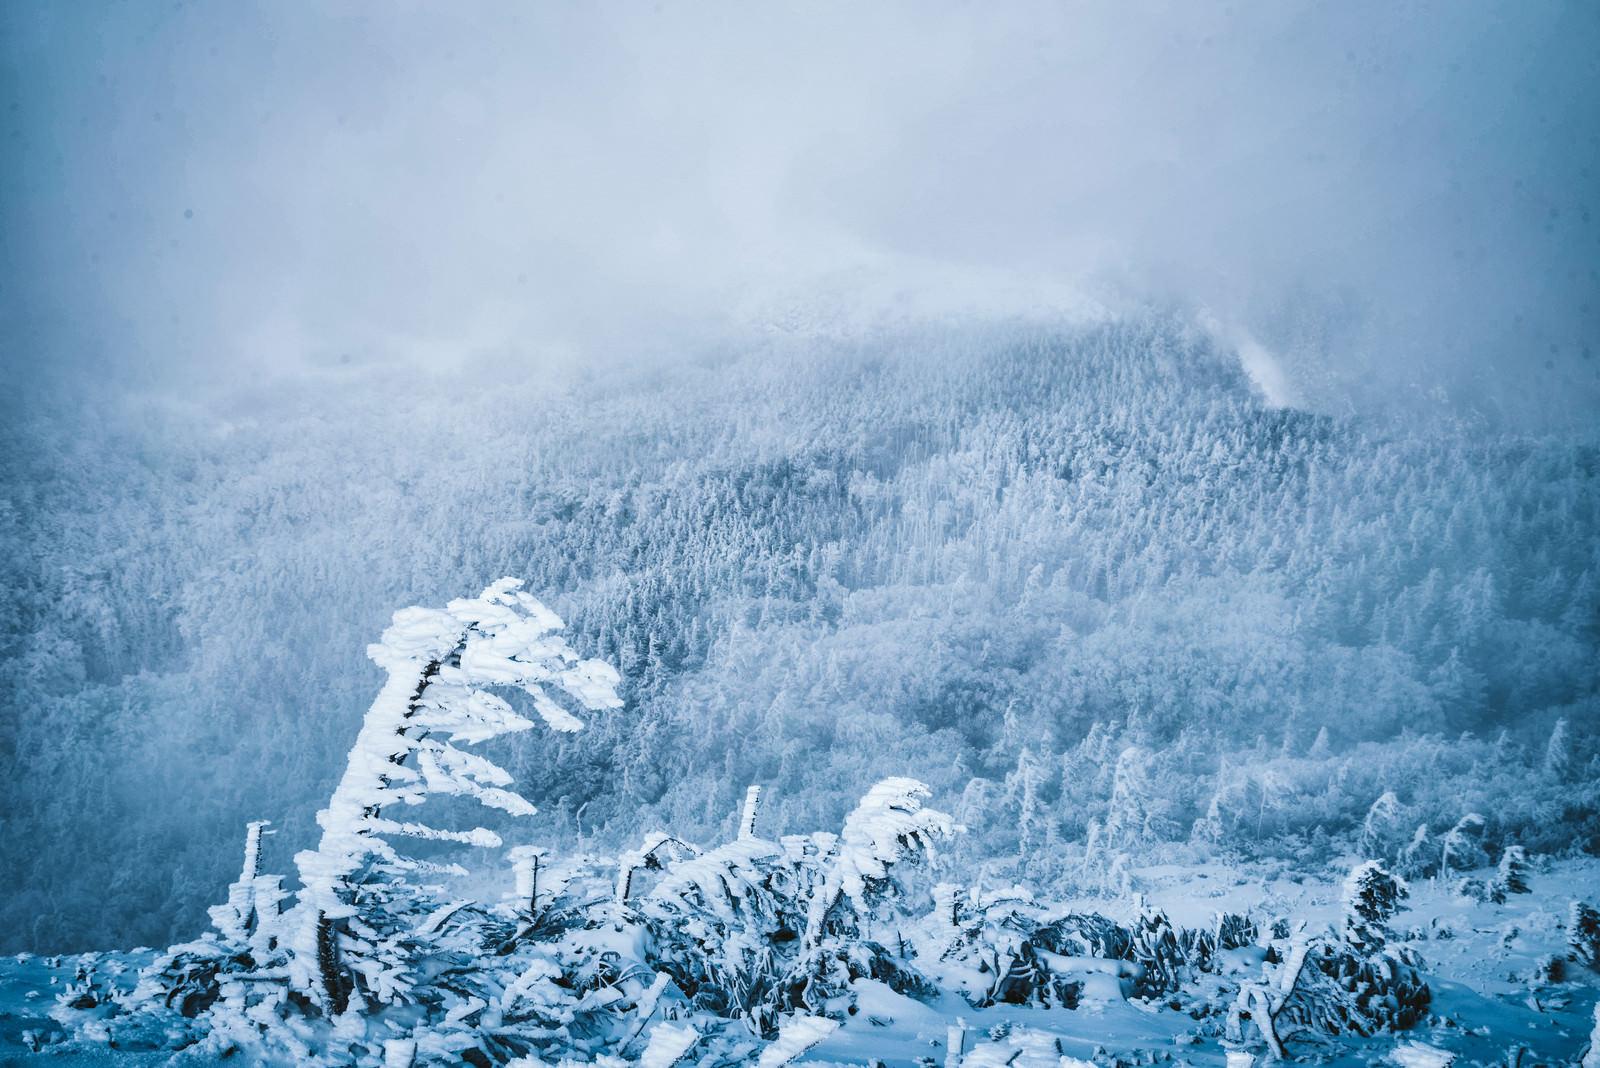 「エビの尻尾と吹雪く白銀の森」の写真